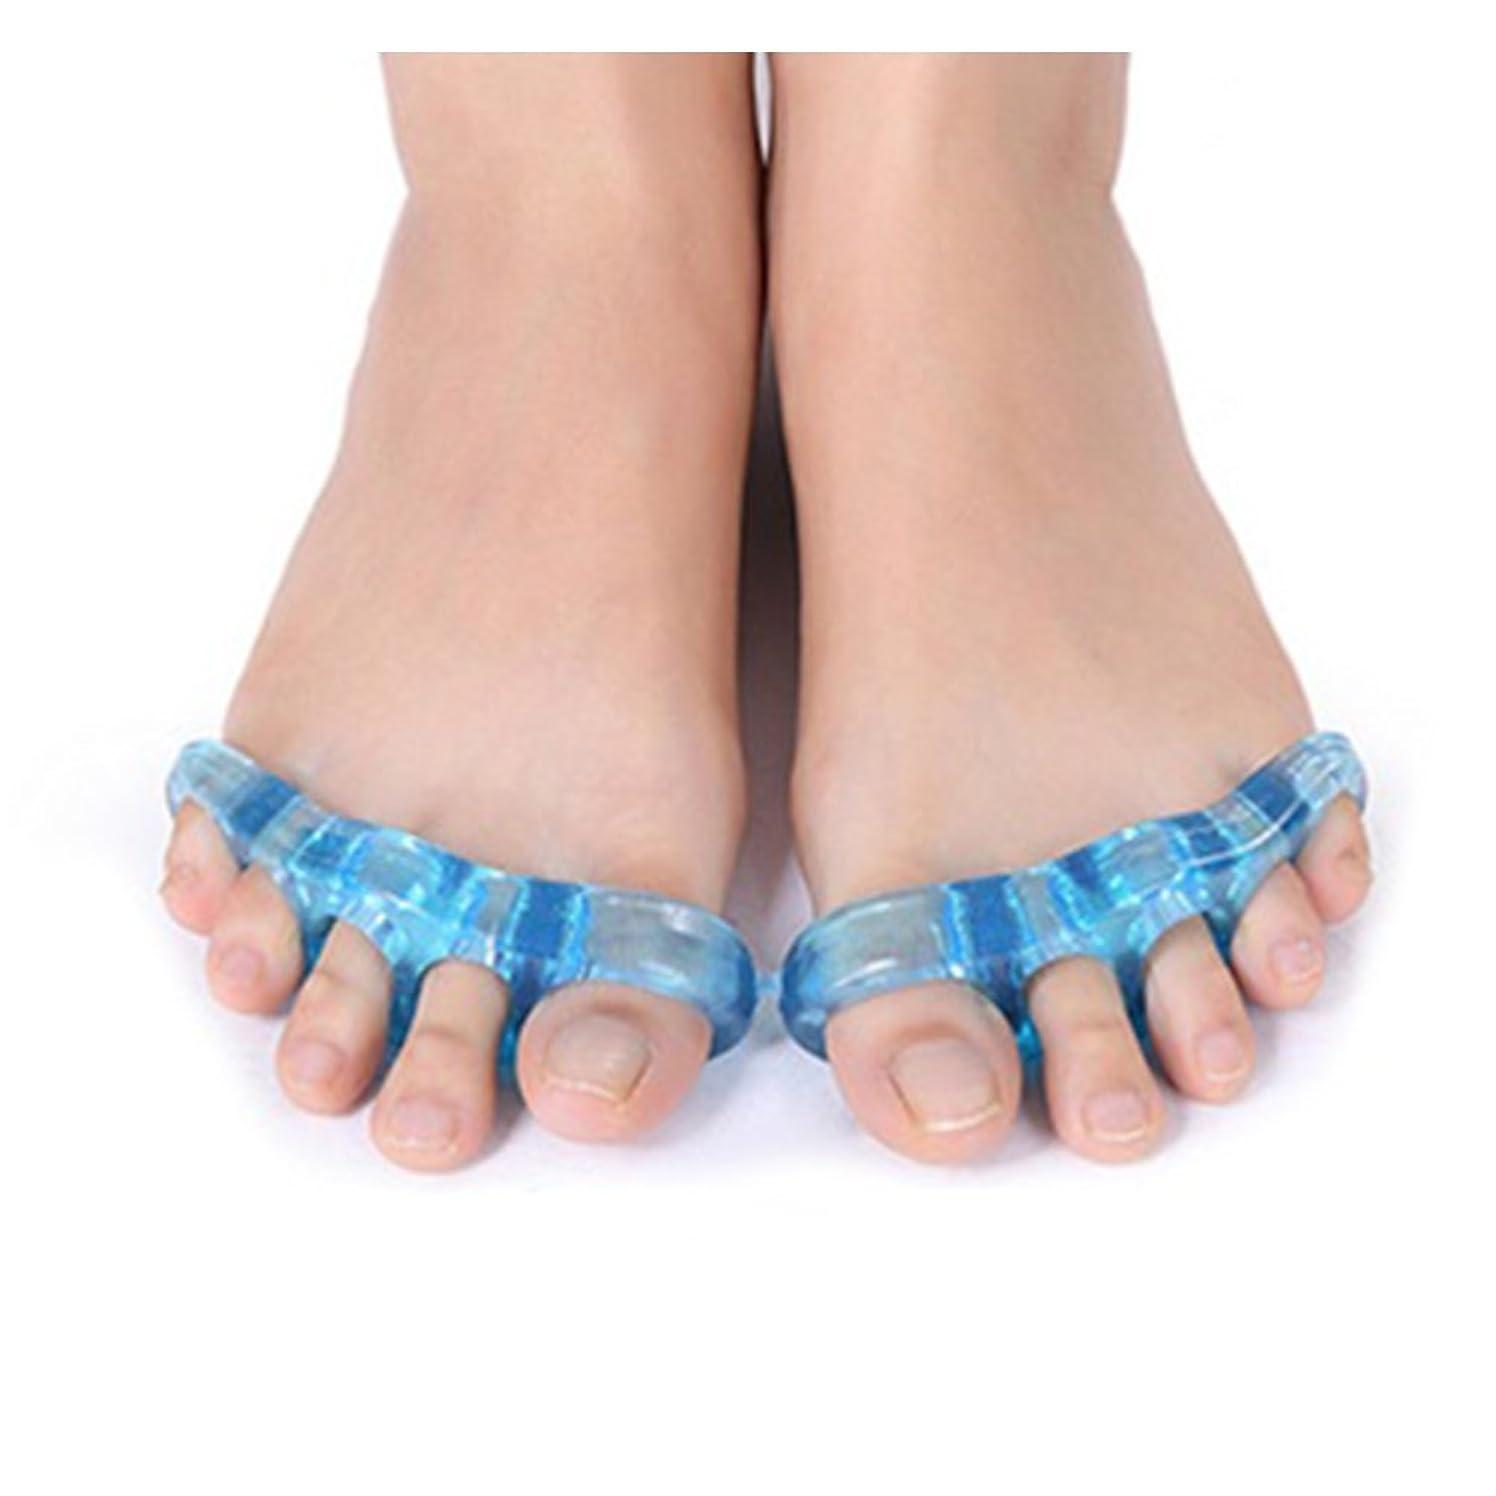 操縦する決定する教義足指ストレッチパッド 広げる 足ゆび 5本指 両足セット 足指矯正 外反母趾 つま先 (中(約11cm))